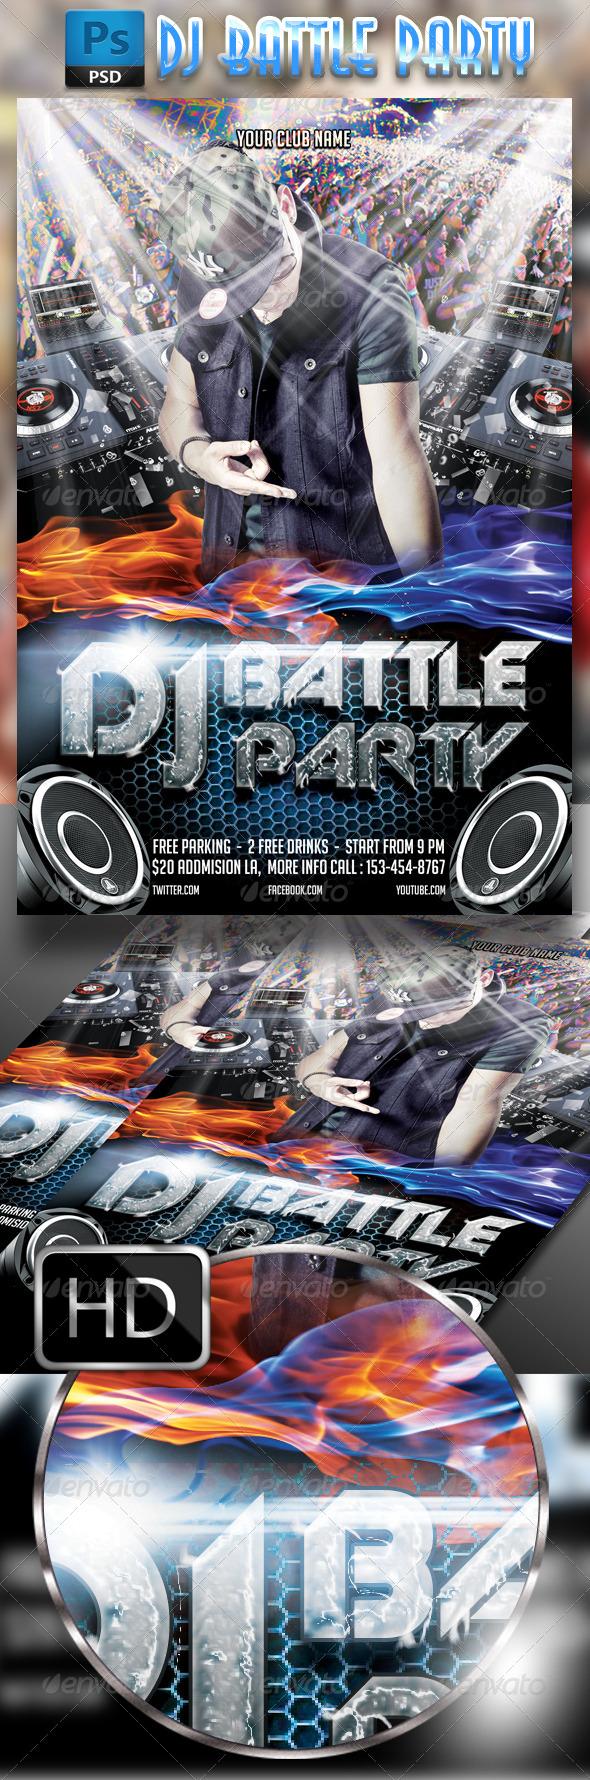 GraphicRiver DJ Battle Party Flyer 7843800